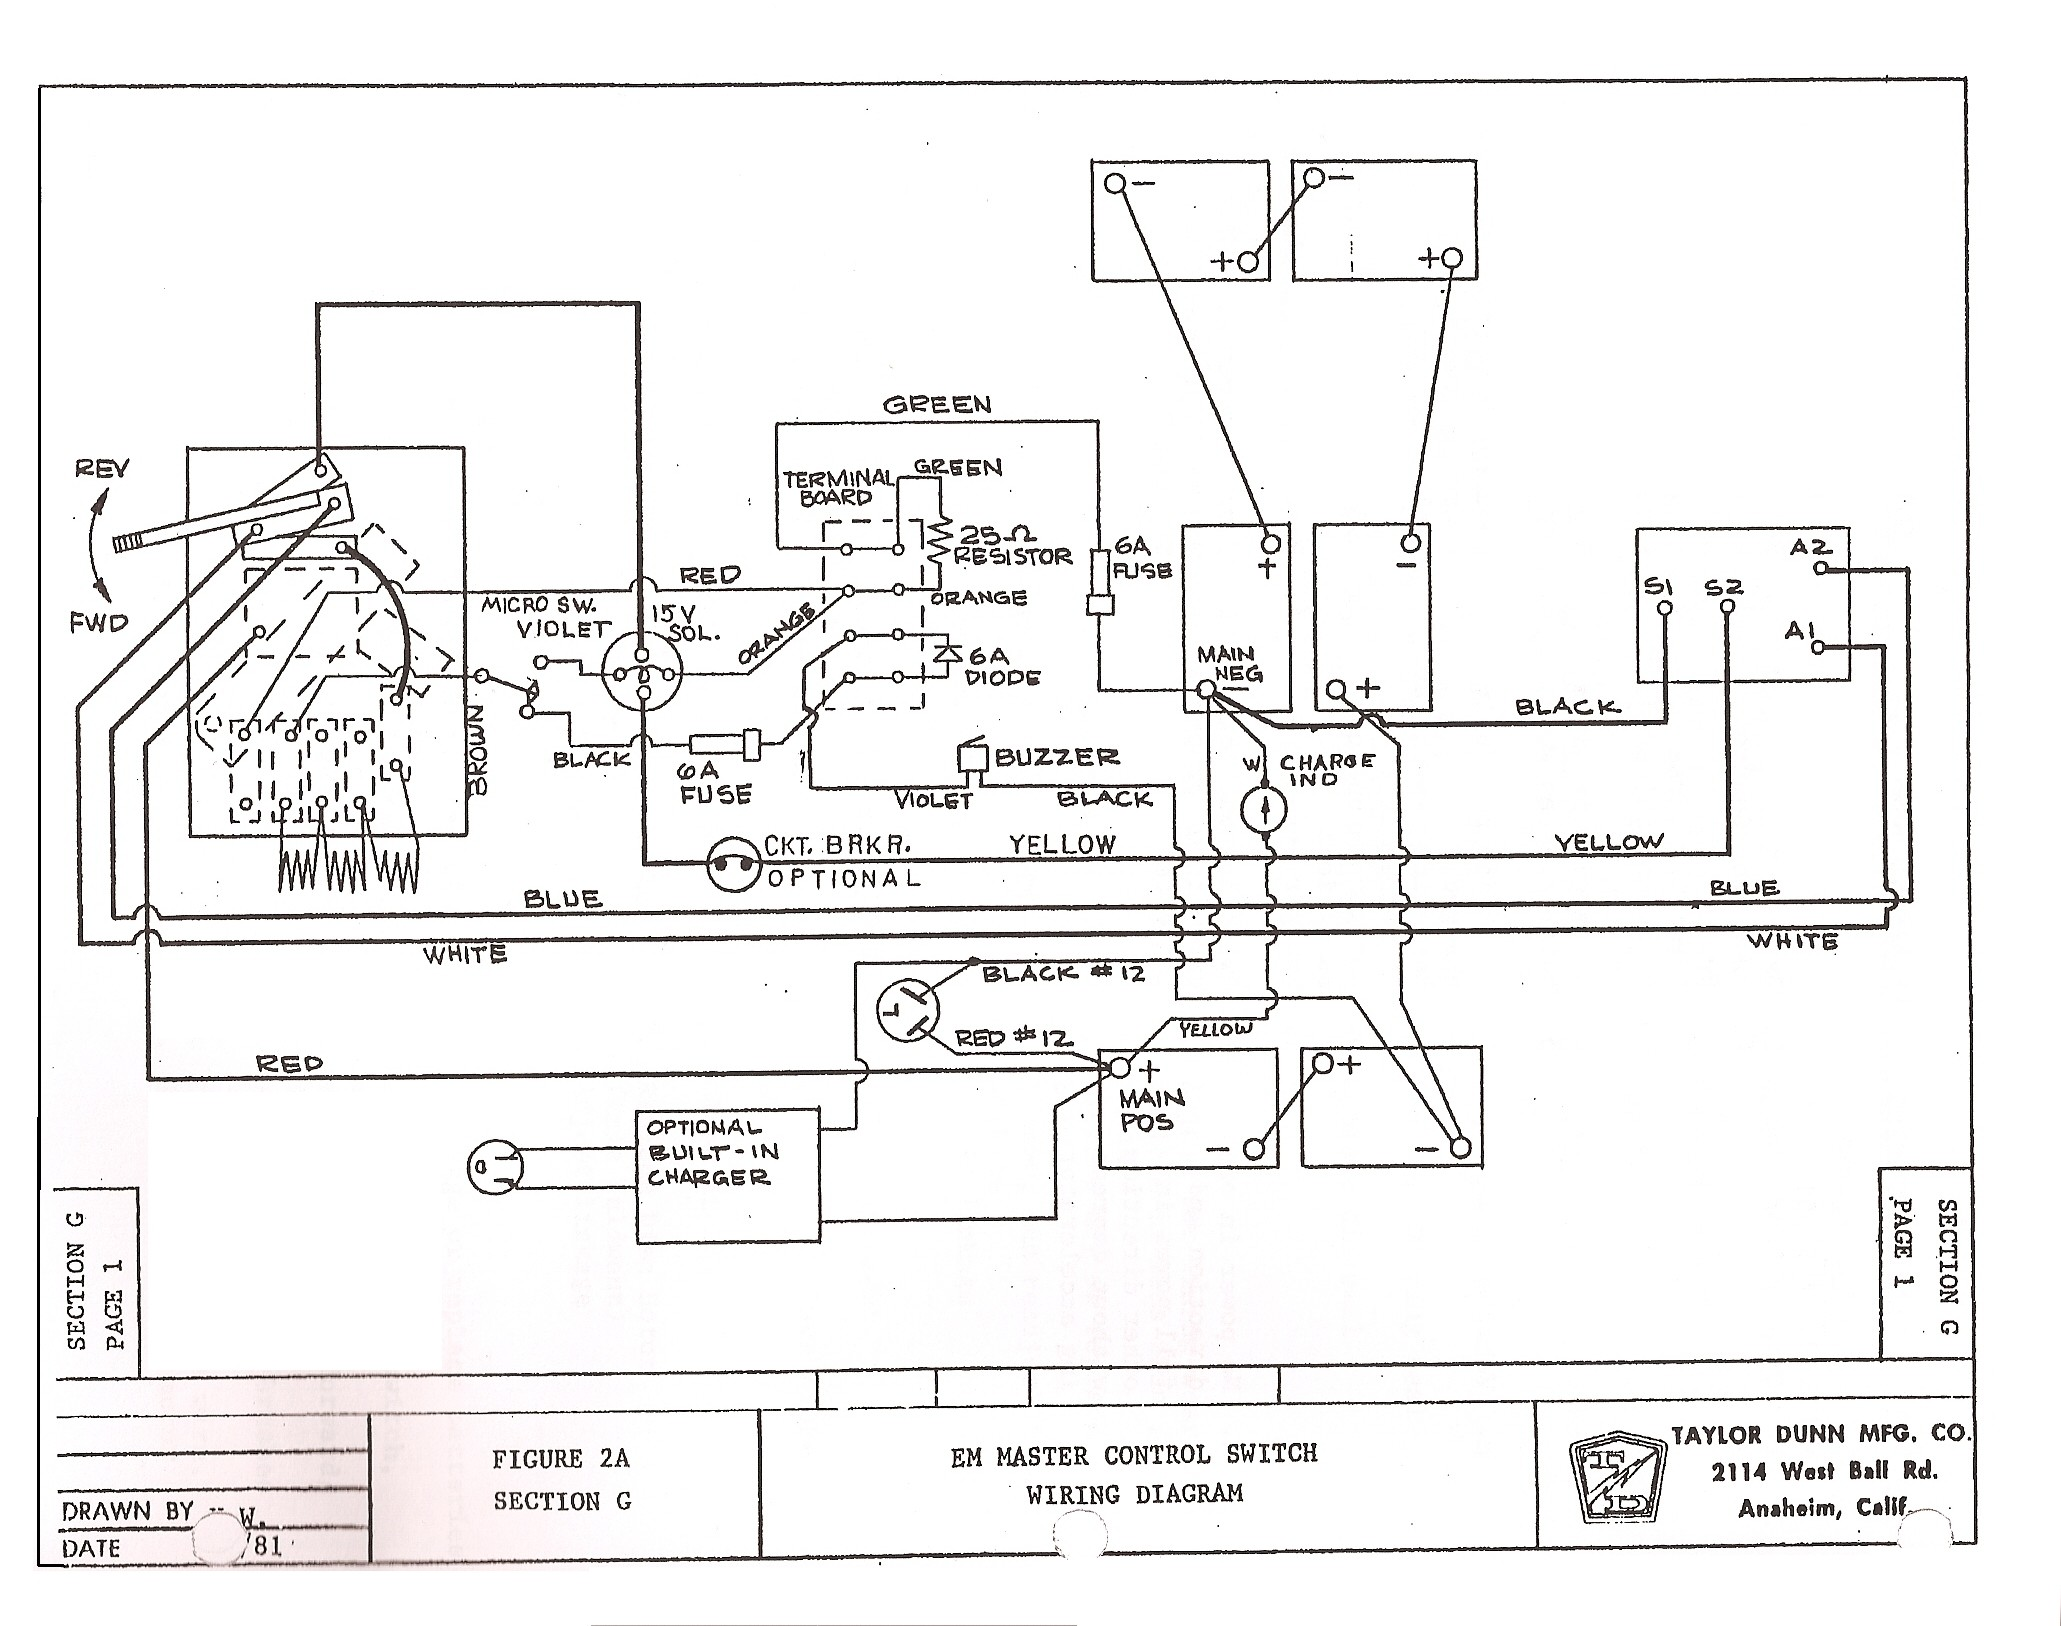 36v club car wiring diagram 36 volt club car wiring diagram wiring 1995 club car wiring